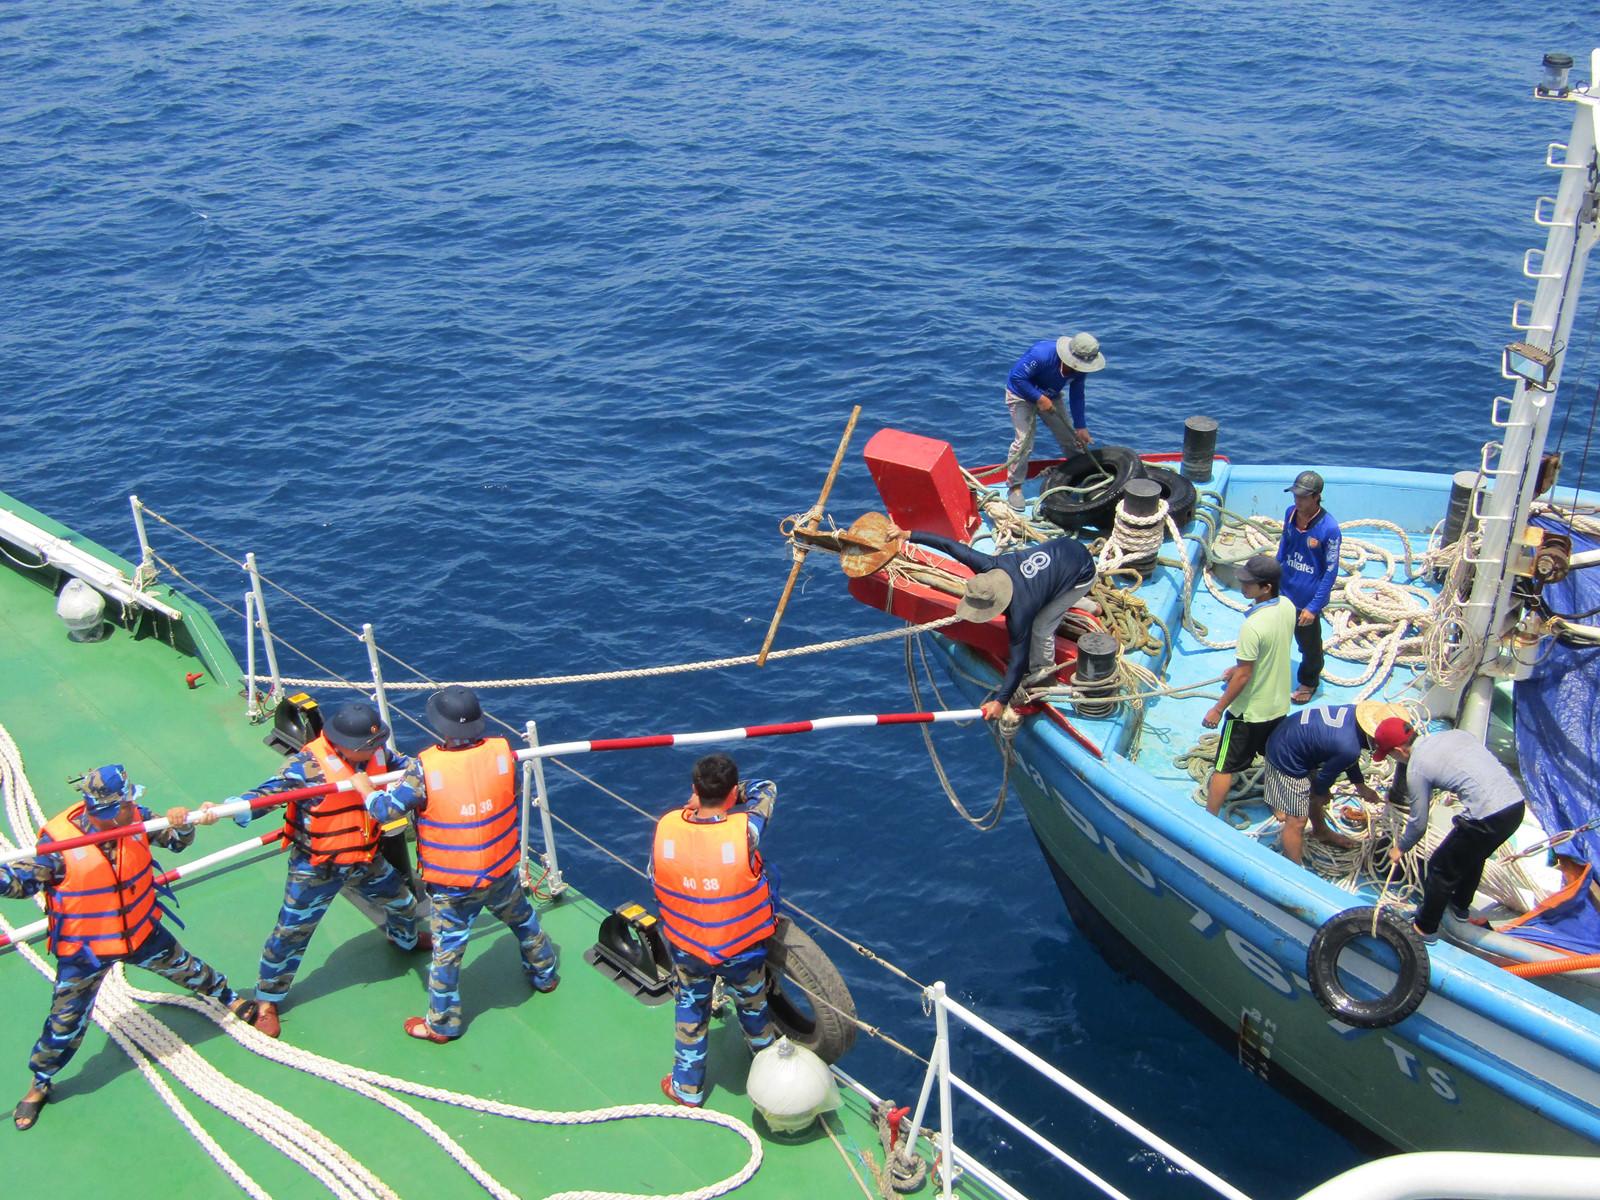 Hệ thống tổ chức ứng phó sự cố, thiên tai và tìm kiếm cứu nạn